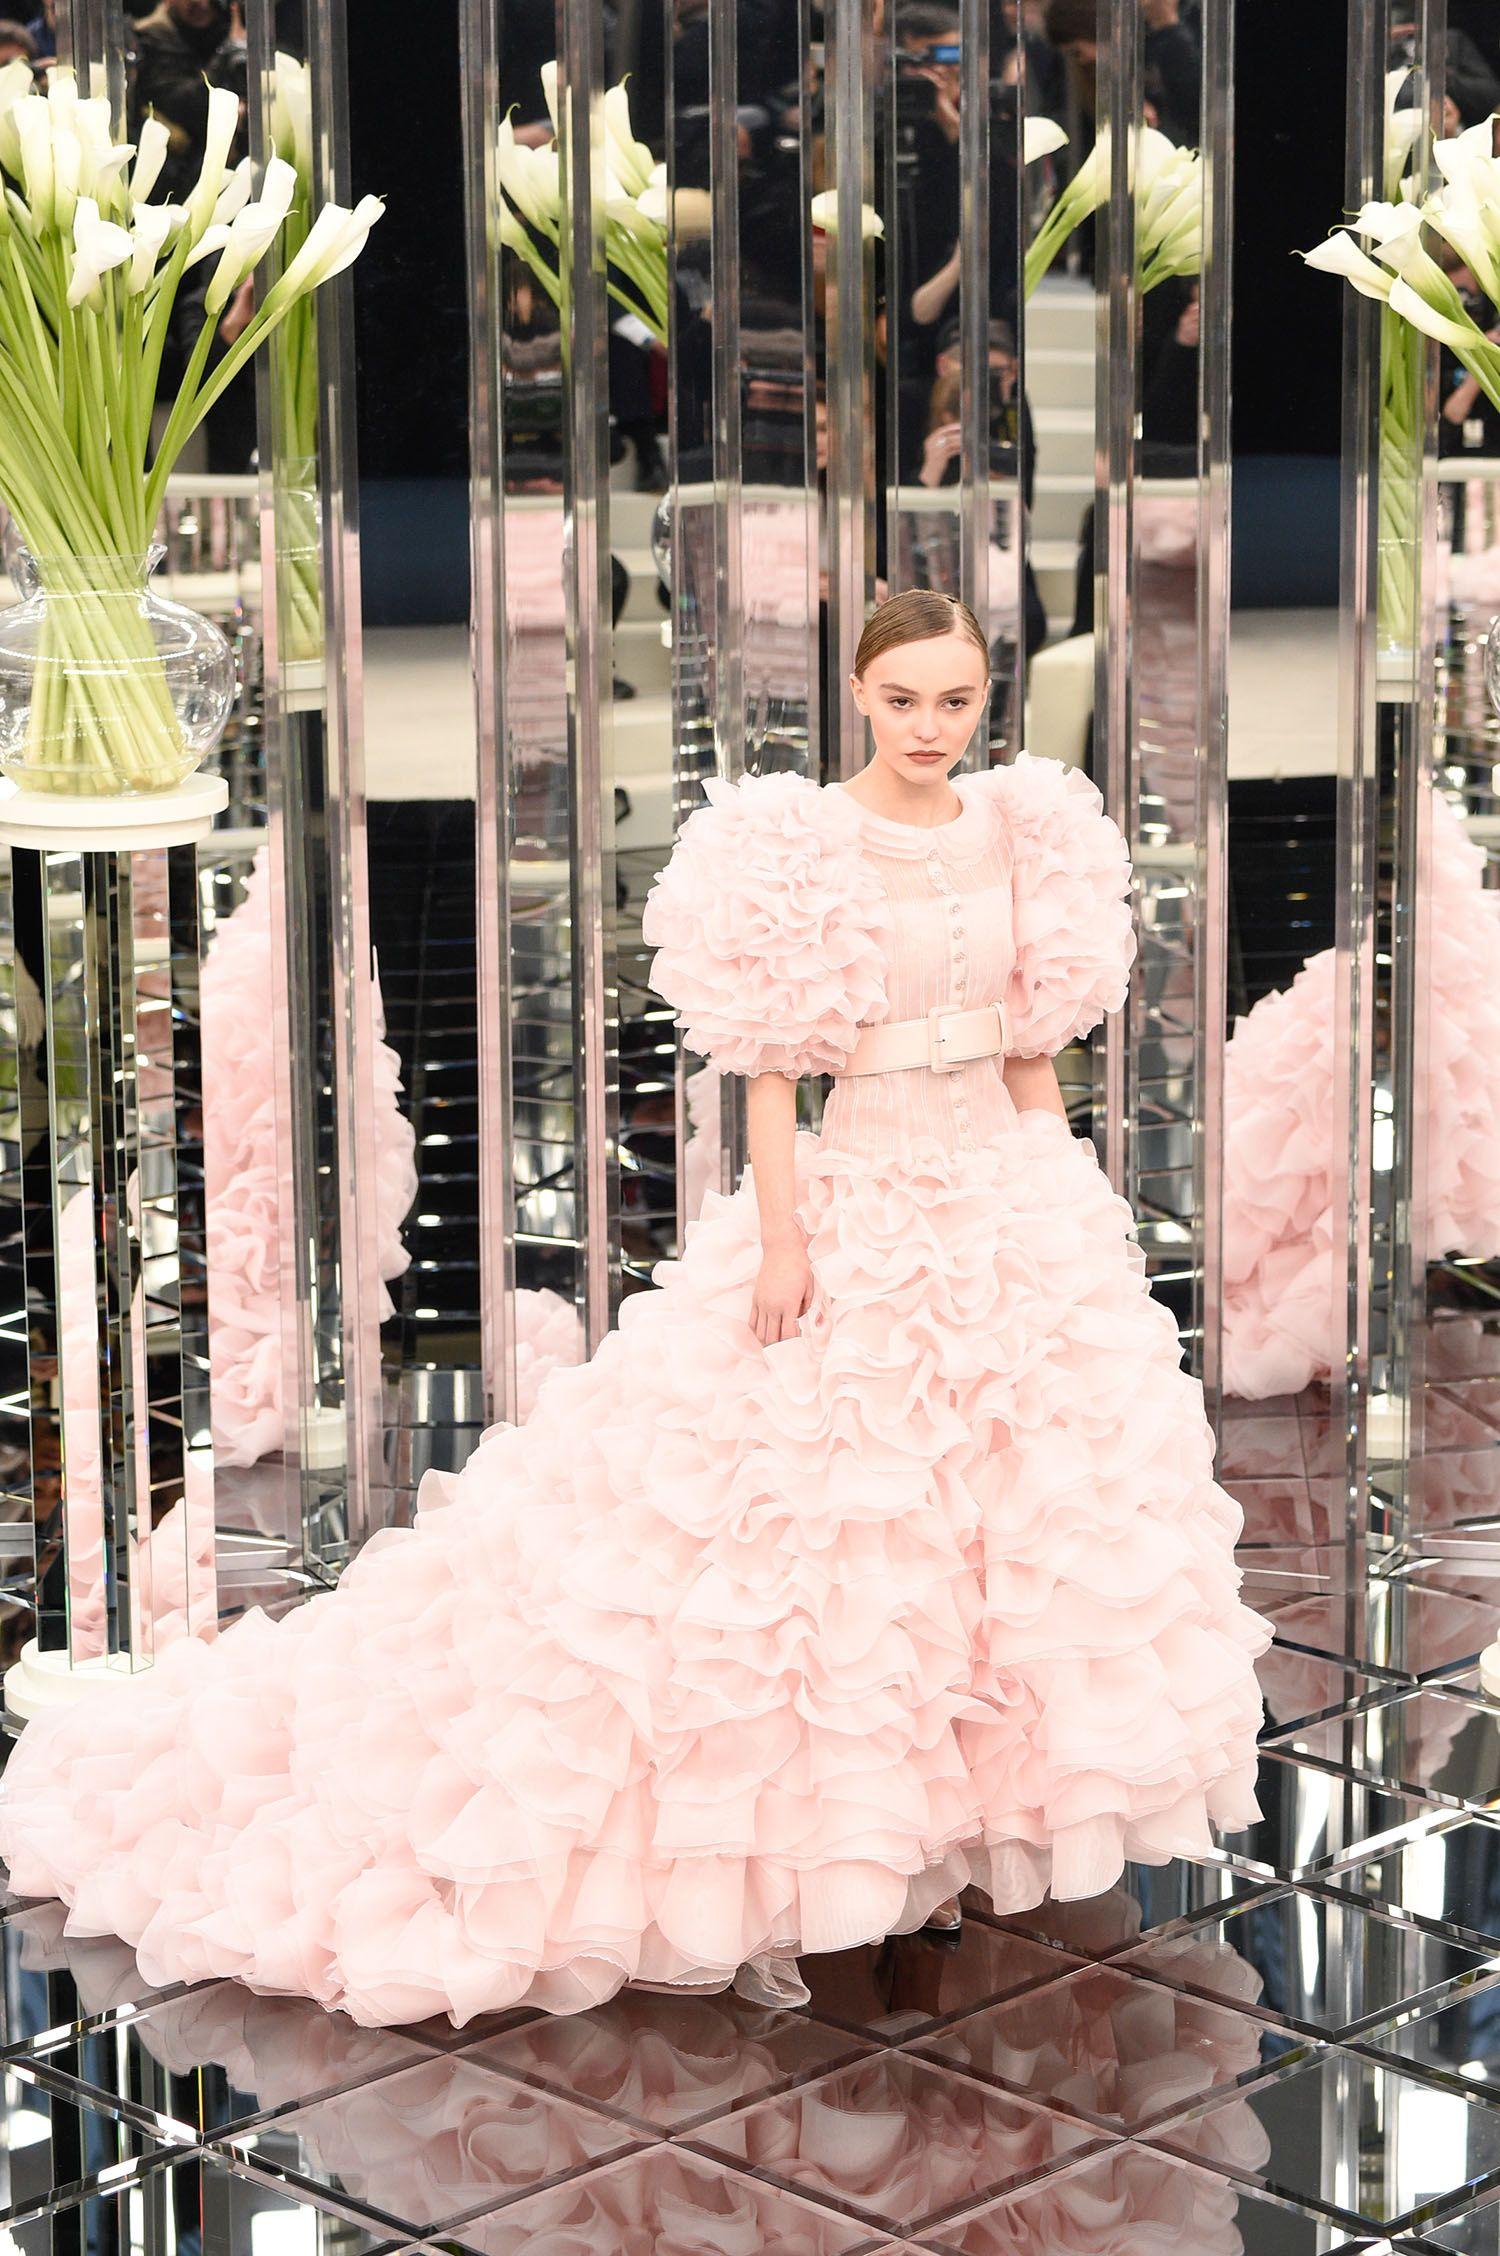 Le spose di Chanel secondo Karl Lagerfeld